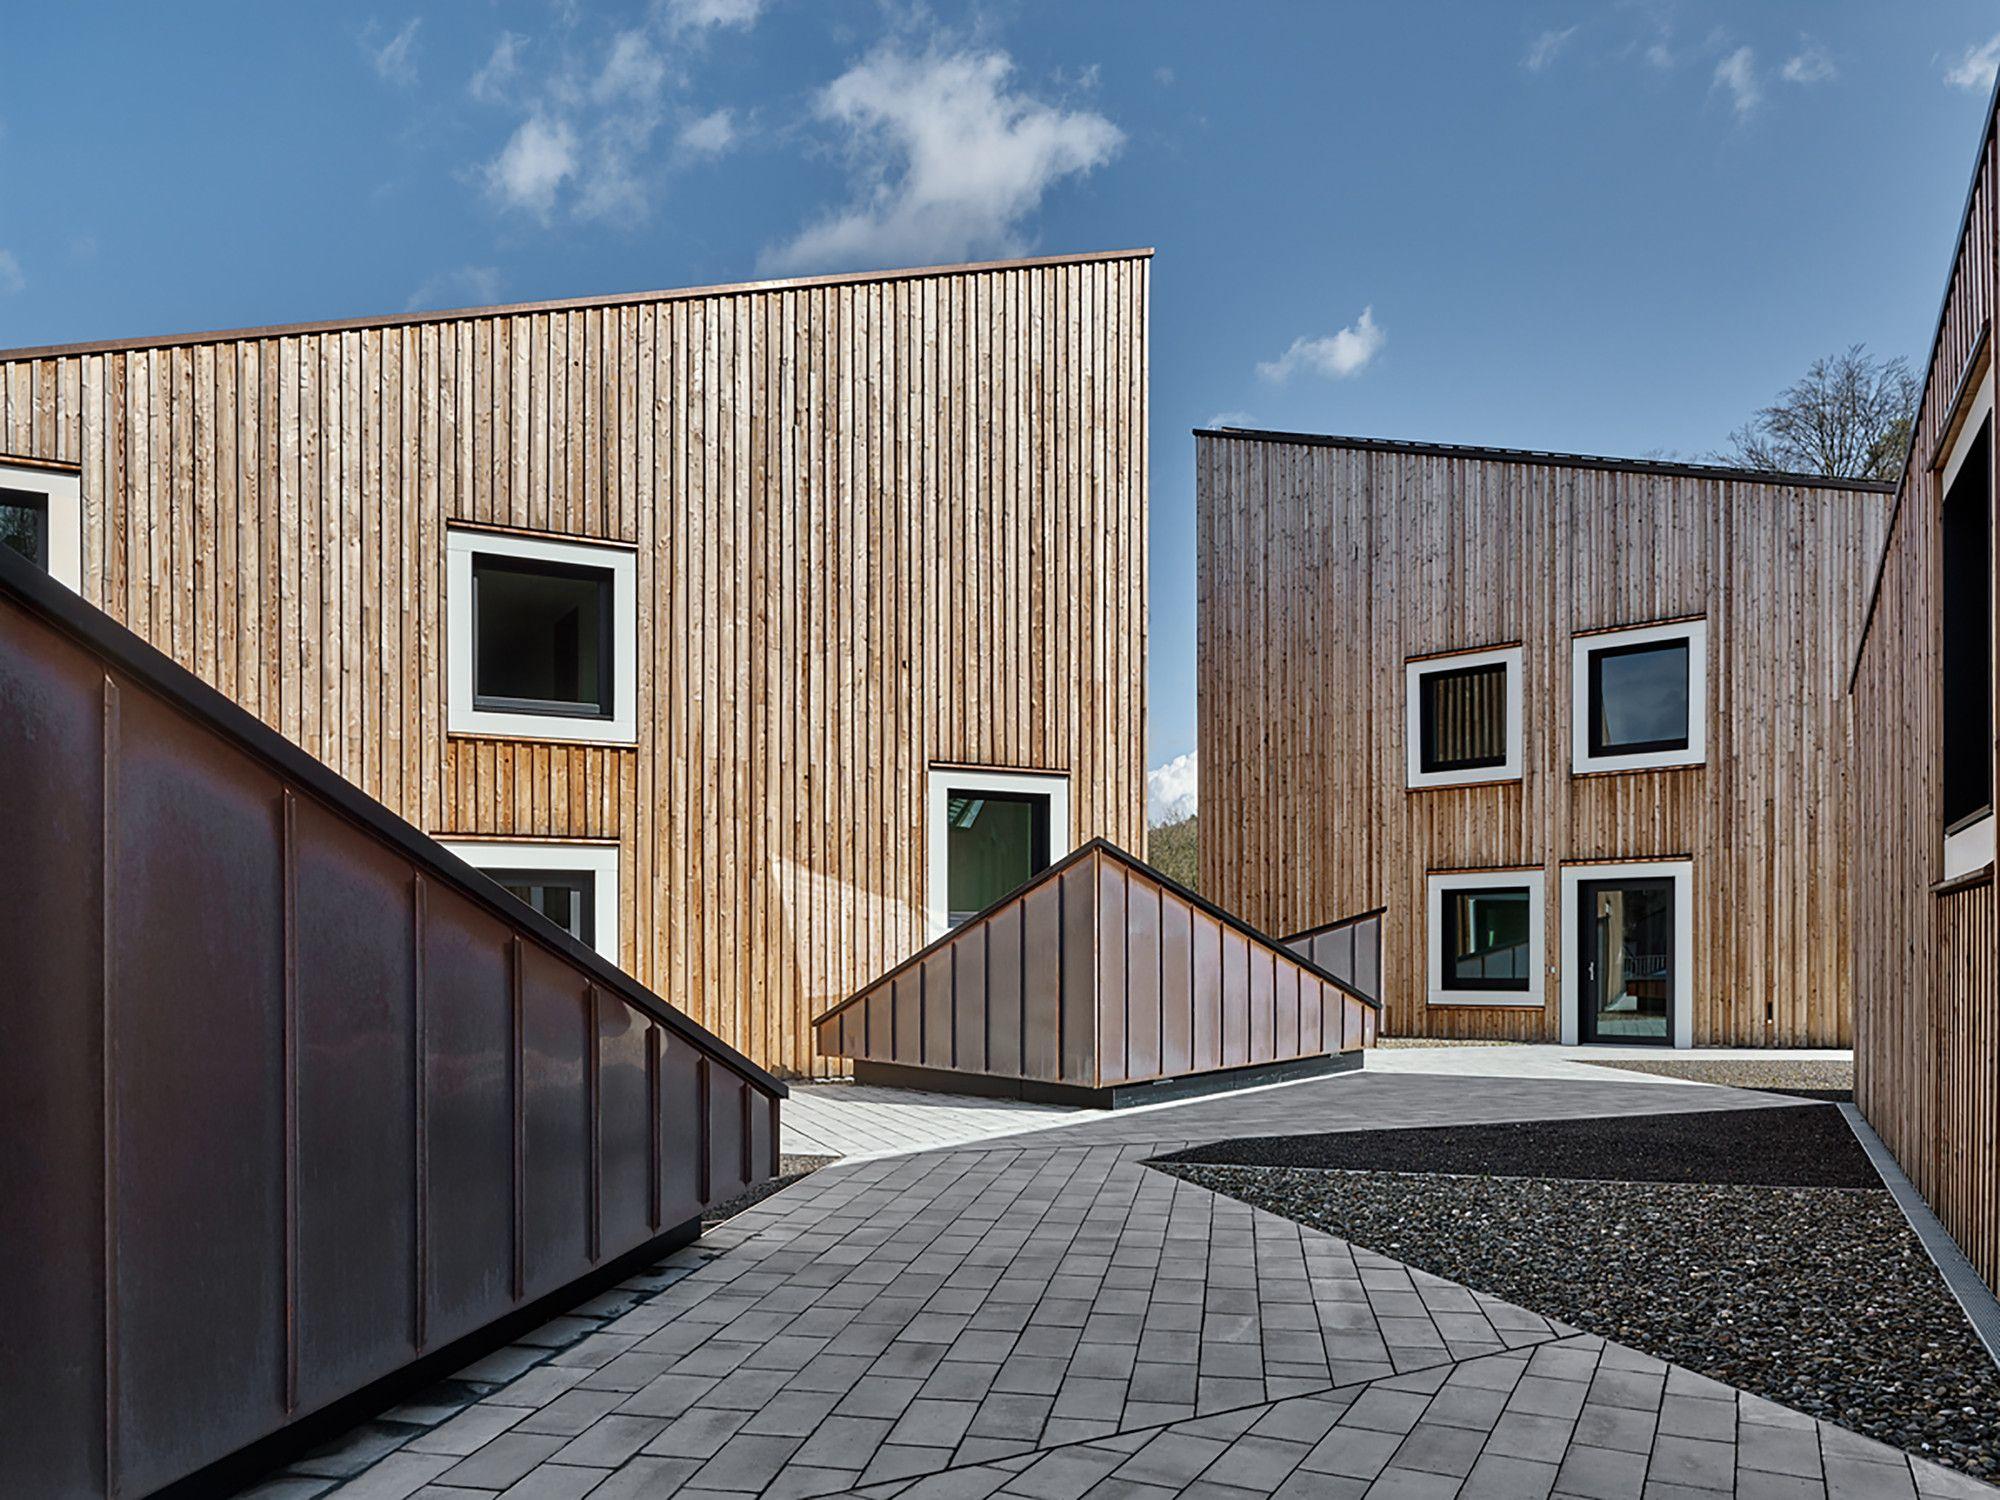 Dorf innenarchitektur gallery of fraunhofer research campus waischenfeld  barkow